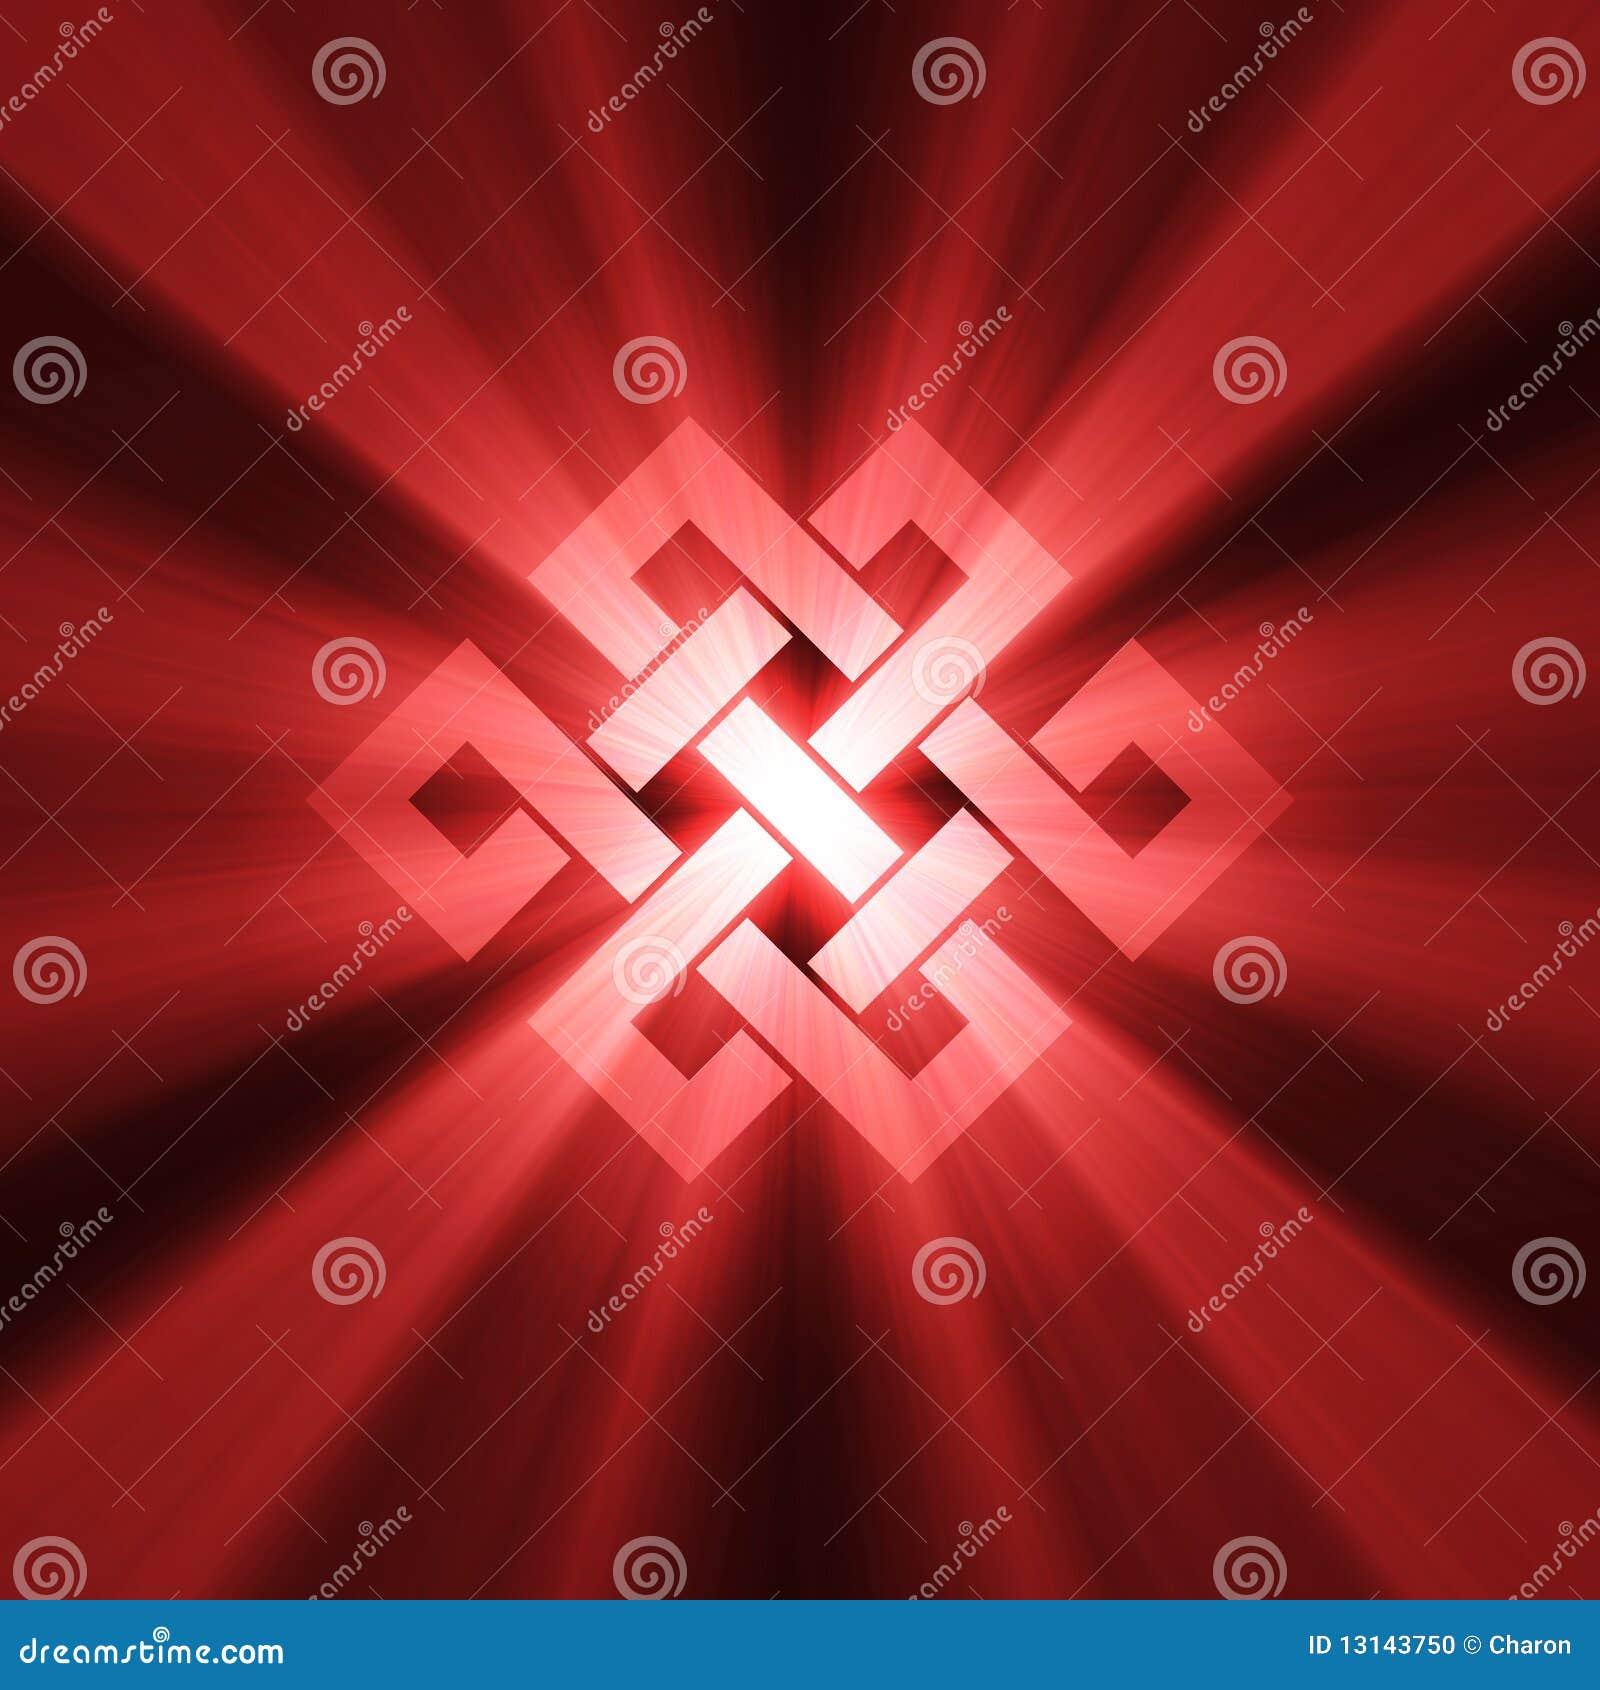 Eternal Knot Charm Sign Light Flare Stock Illustration